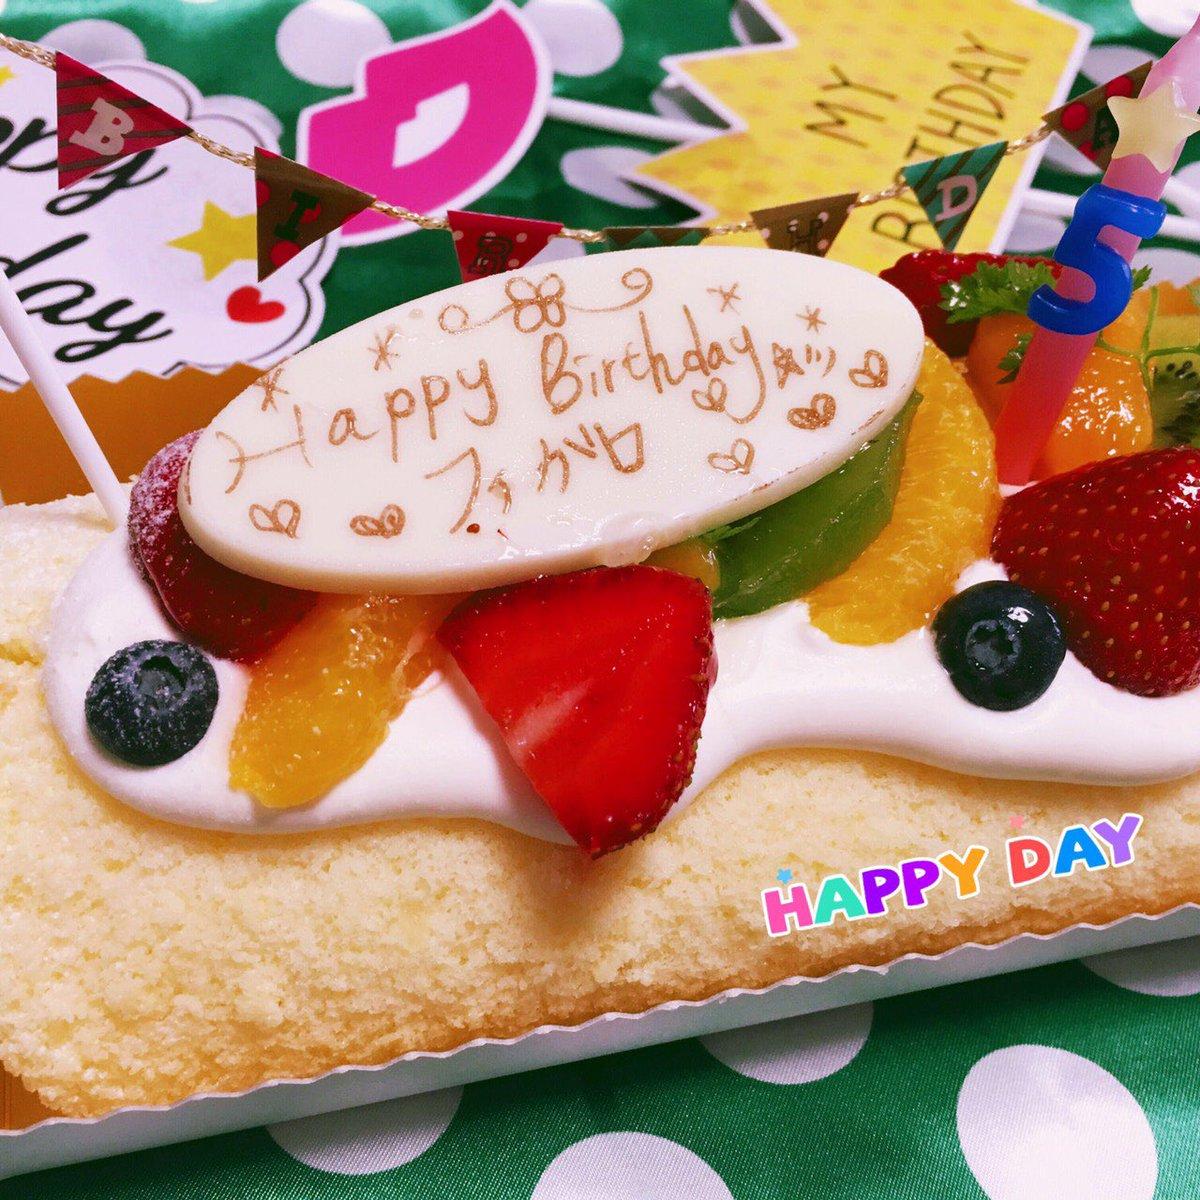 昨日はフィガロの誕生日🎂✨にたくさんのいいね💗、RTそれにお祝いのメッセージを頂きありがとうございました❣️バースデーケ